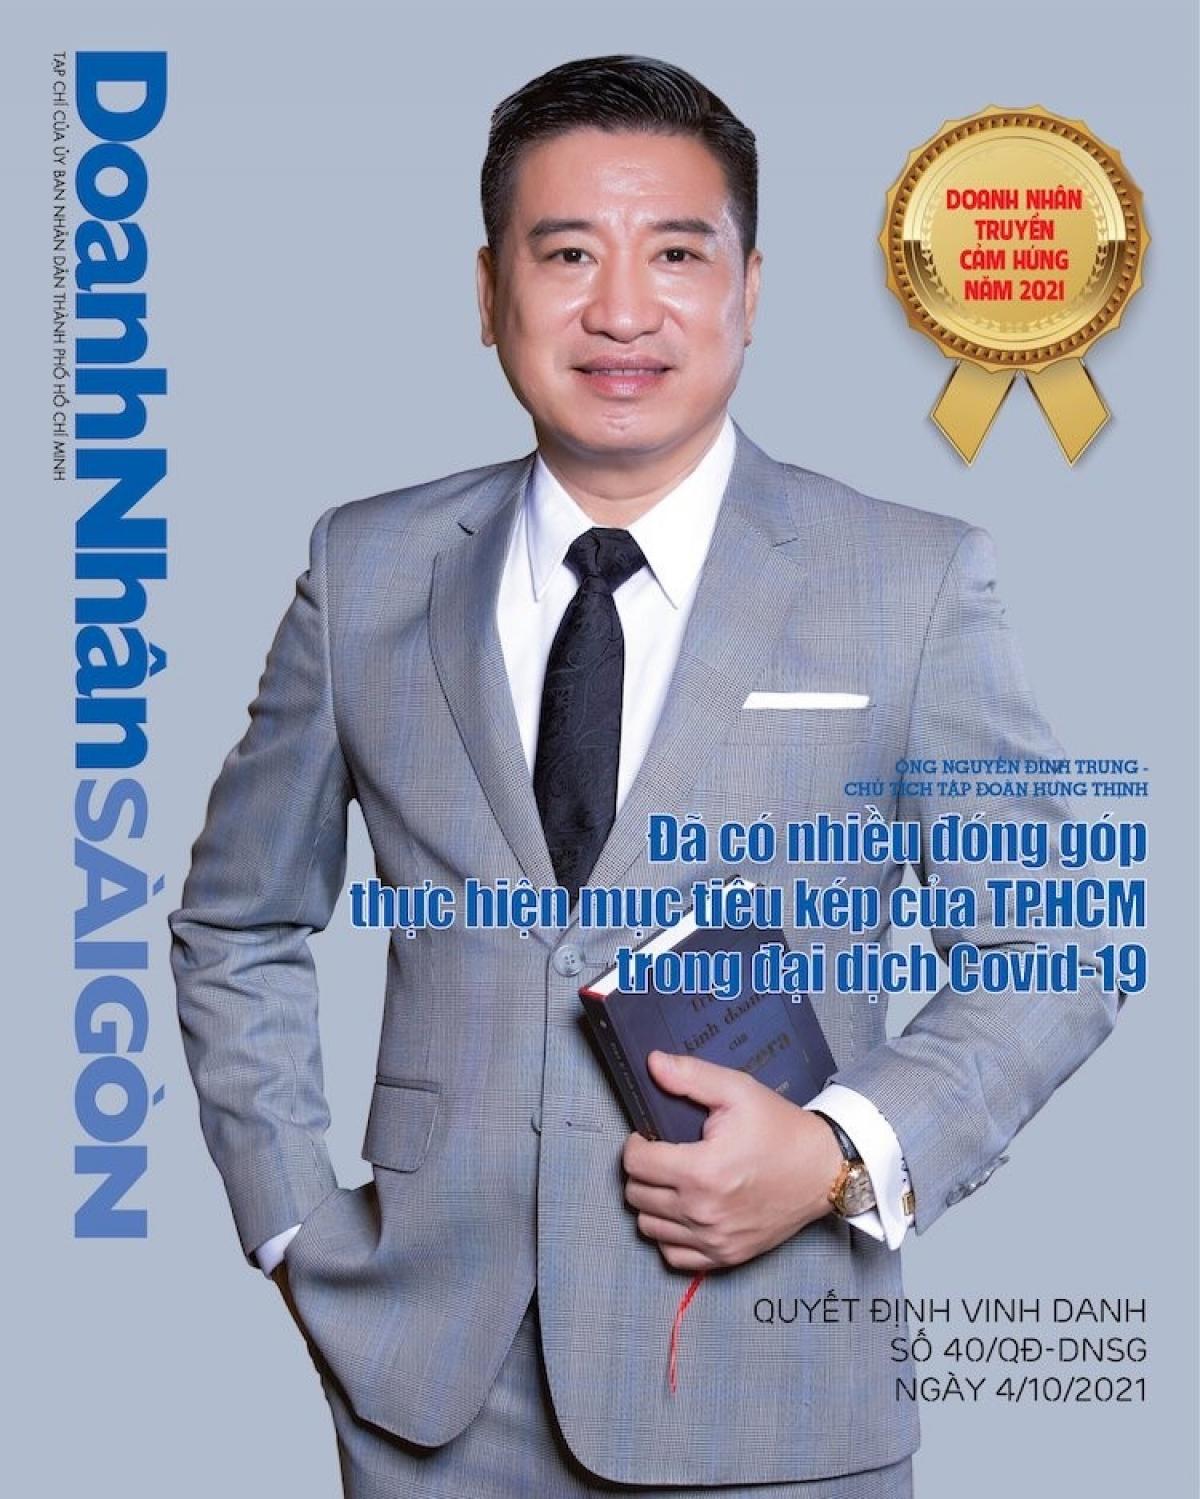 Ông Nguyễn Đình Trung - Chủ tịch Tập đoàn Hưng Thịnh được vinh danh Doanh nhân truyền cảm hứng năm 2021 vì đã có nhiều đóng góp thực hiện mục tiêu kép của TP.HCM trong đại dịch Covid-19.